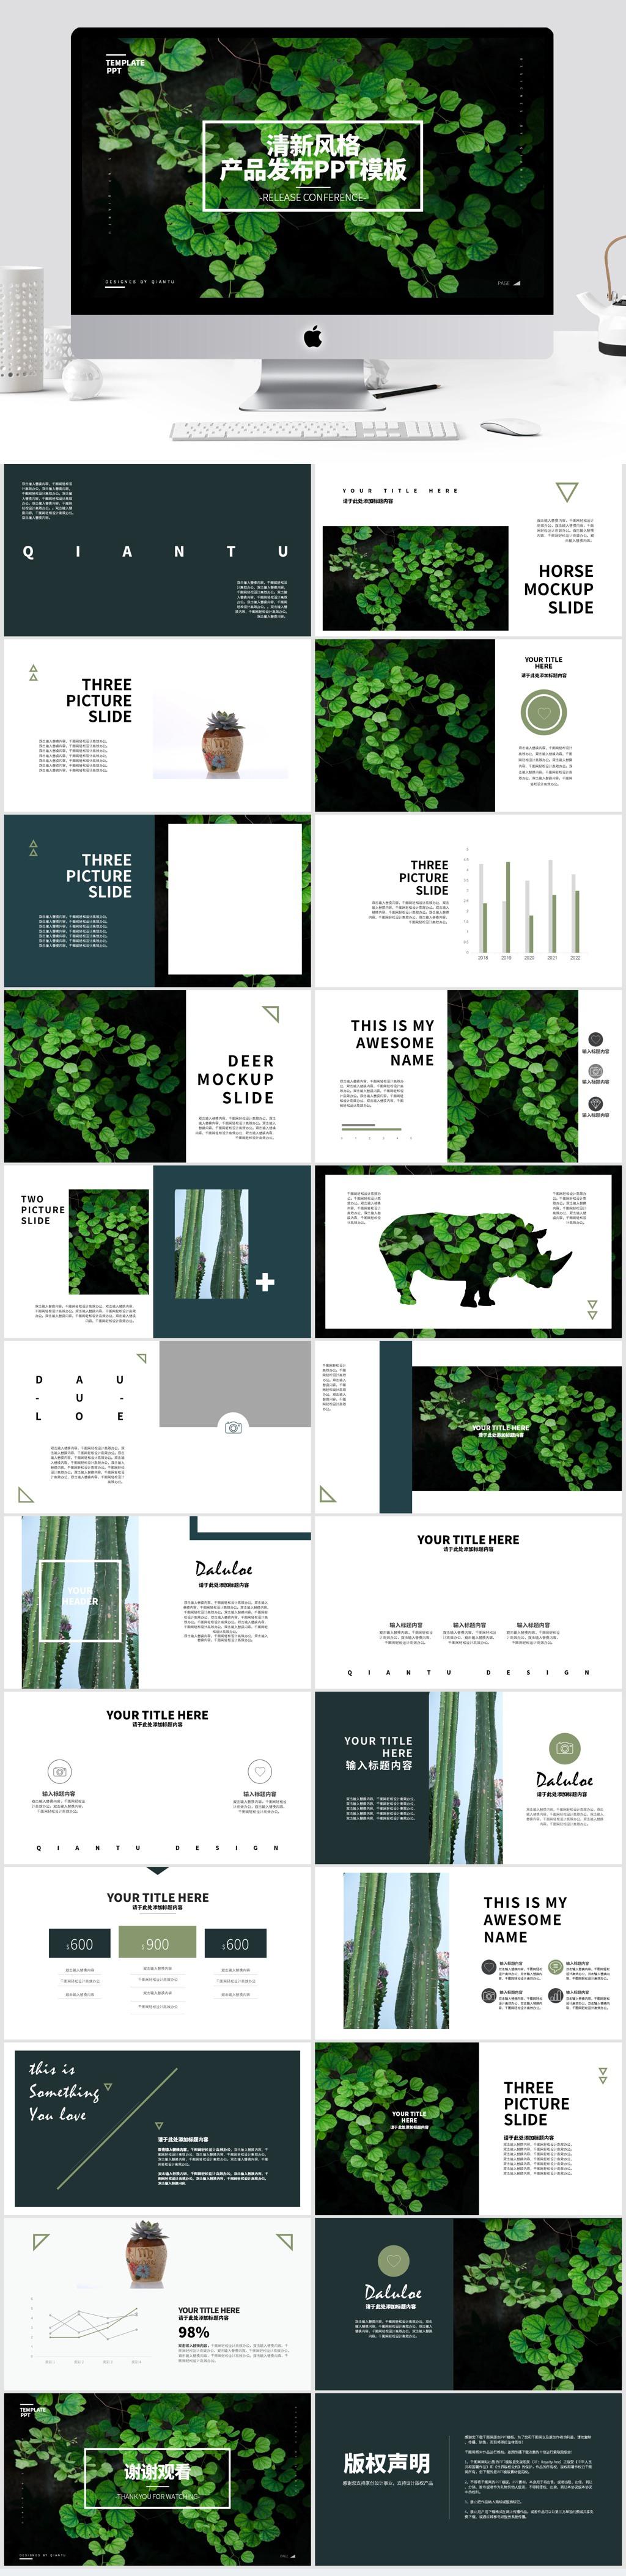 绿色清新风格产品发布会PPT模板